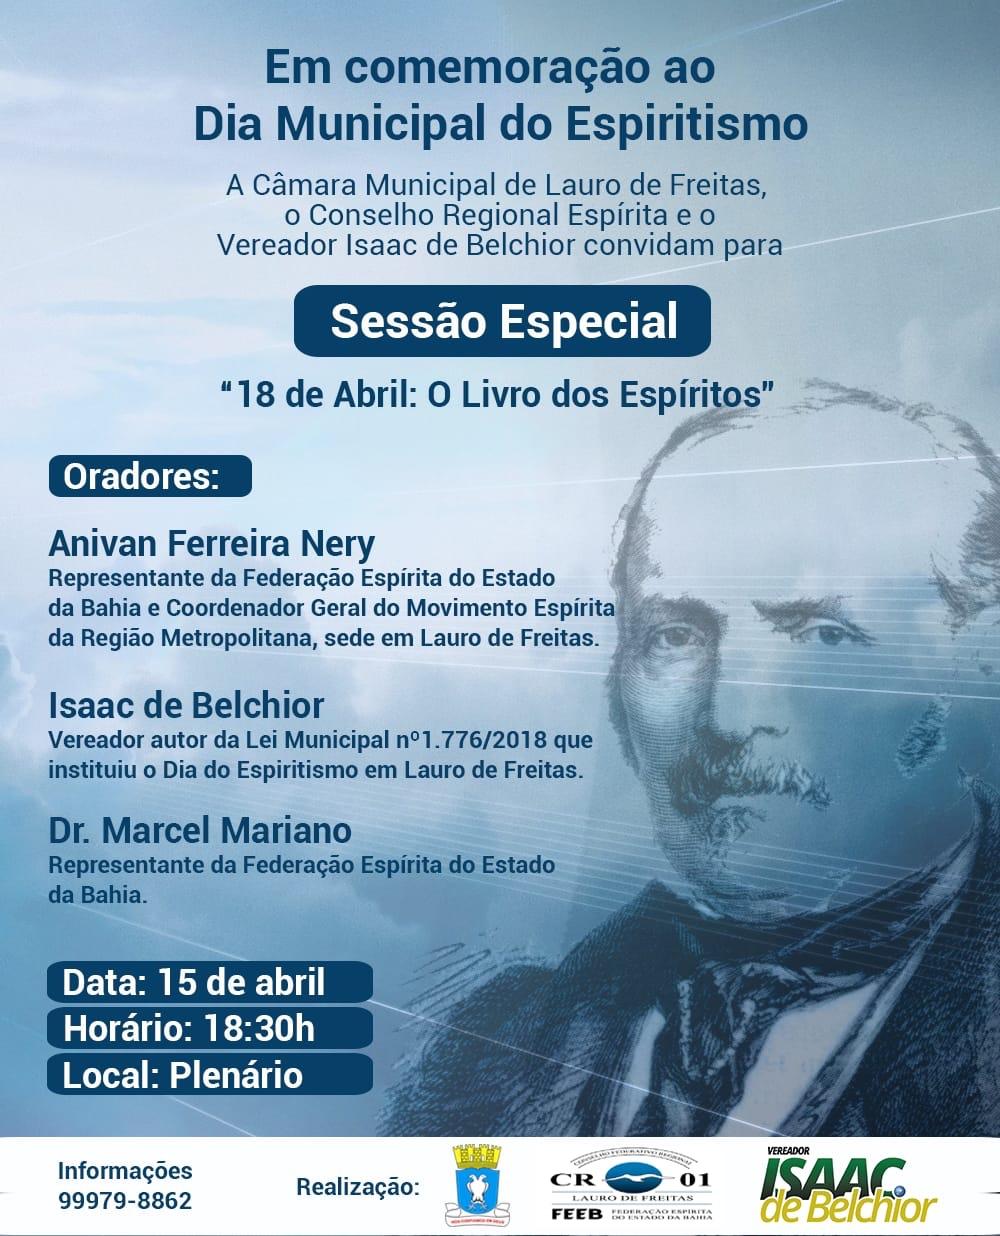 Câmara terá sessão especial em Comemoração ao Dia Municipal do Espiritismo em Lauro de Freitas